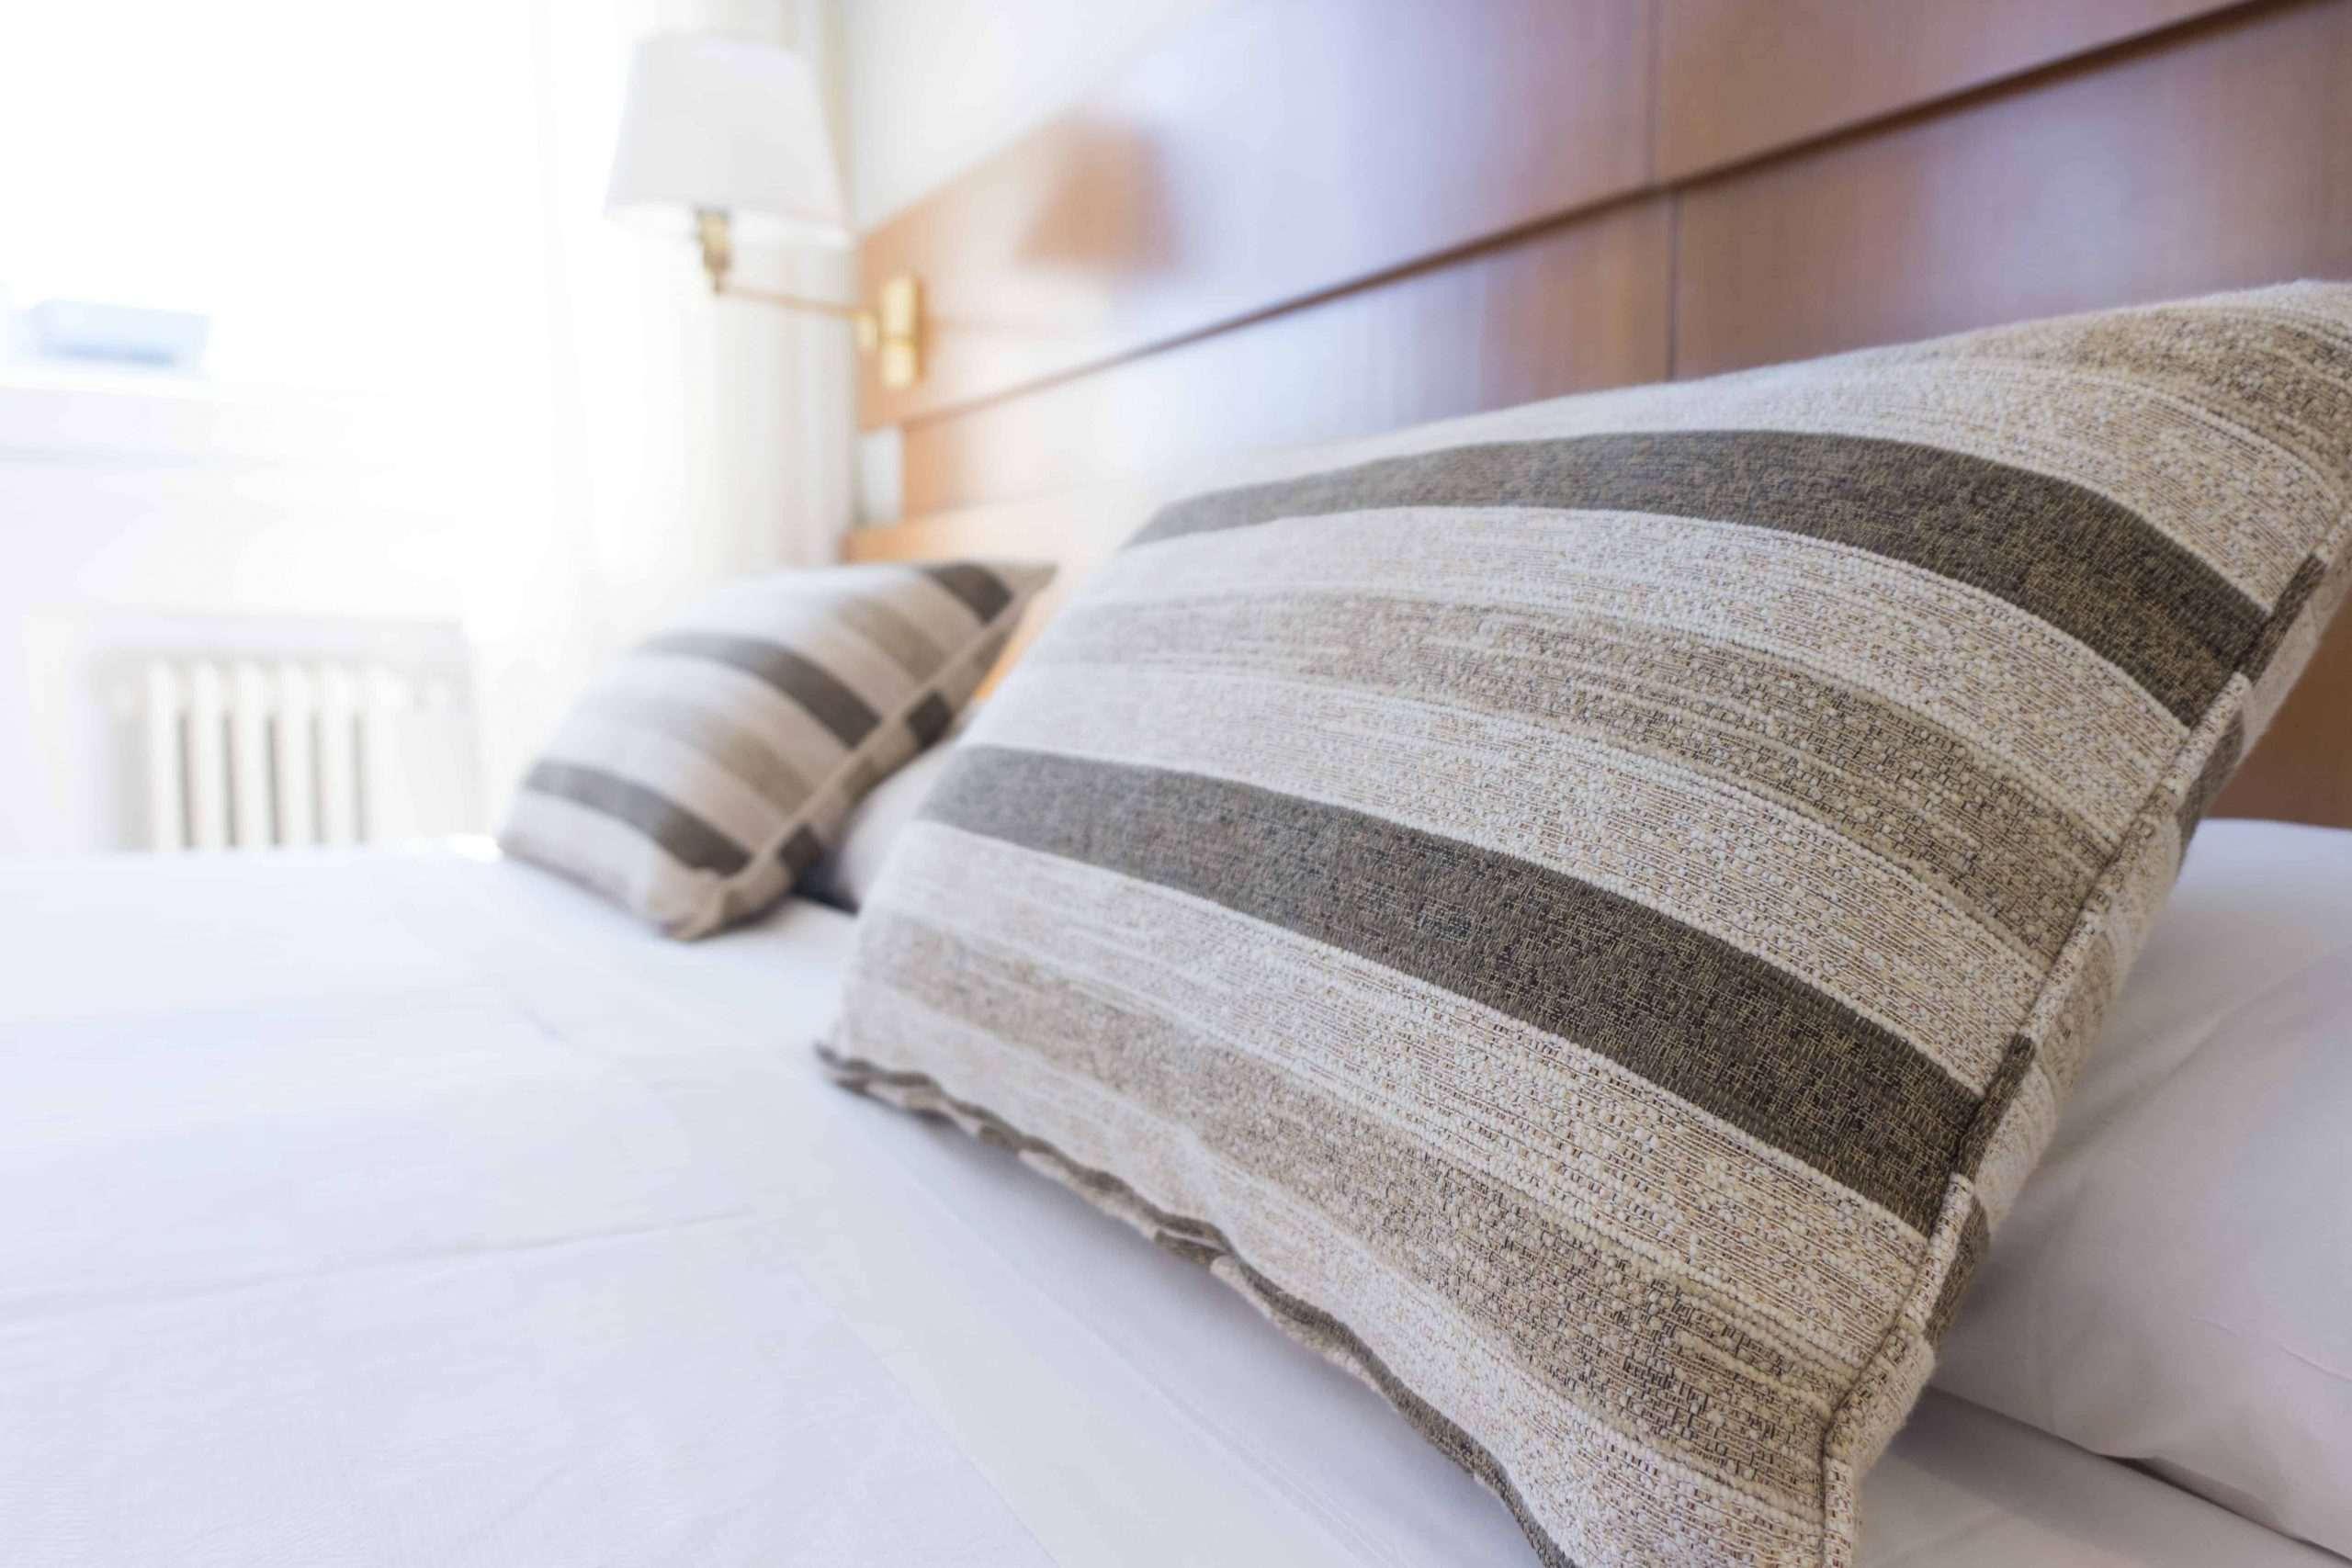 Cabecera de cama: ¿Cuáles son las mejores del 2020?